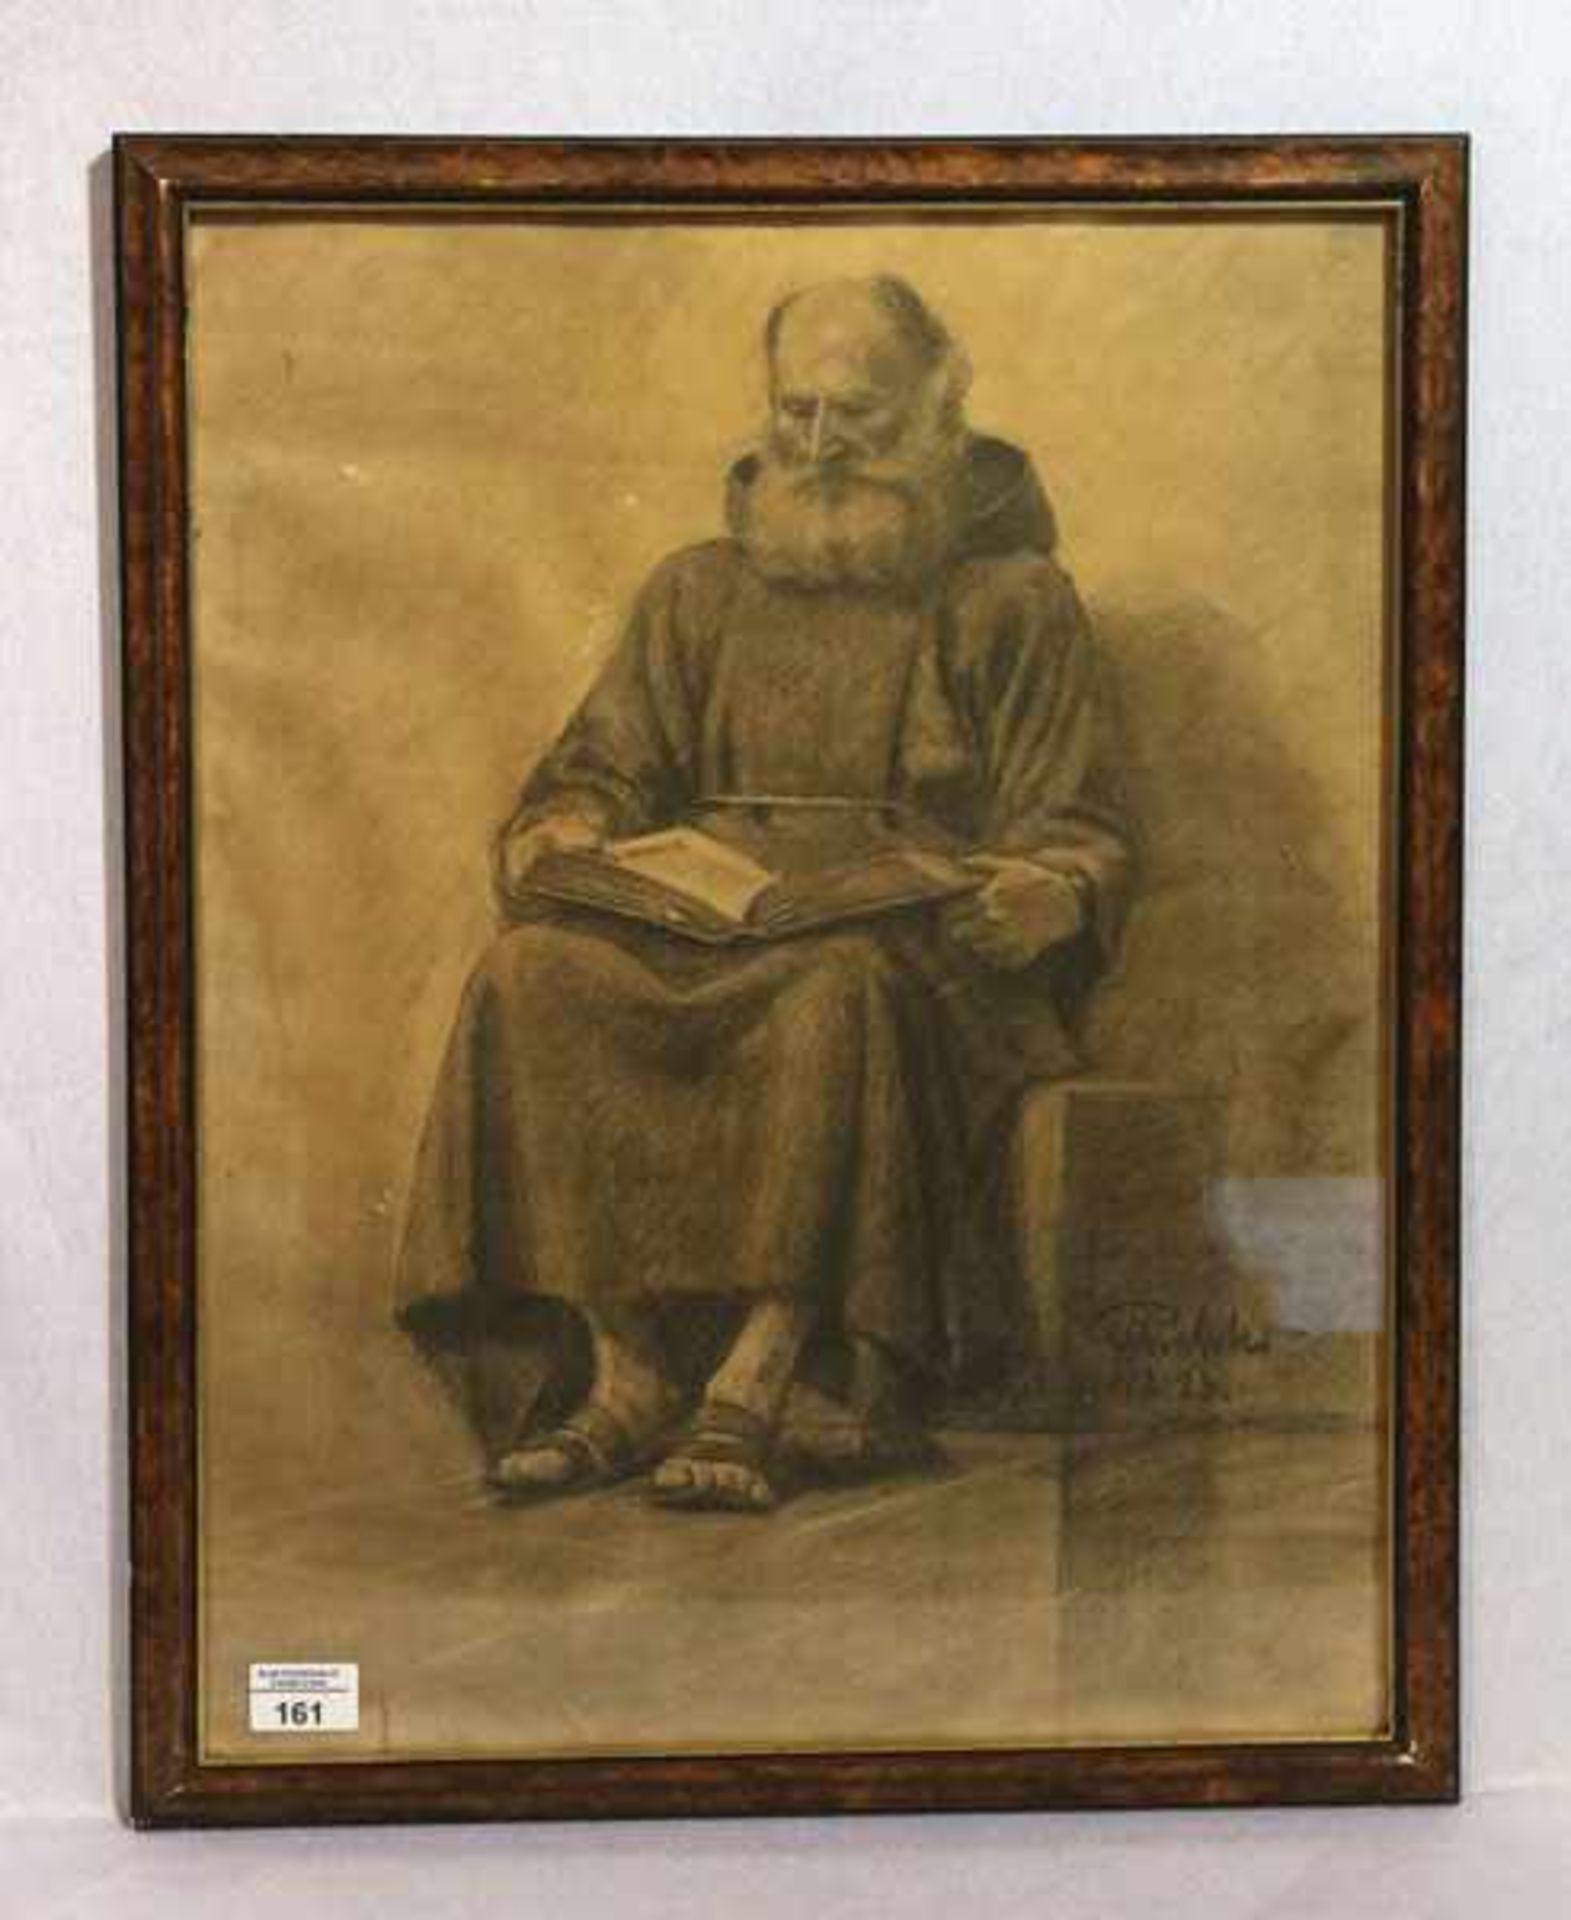 Los 161 - Zeichnung ? 'Pater beim Lesen', signiert Richter ?, datiert 4.12.23, unter Glas gerahmt, Rahmen